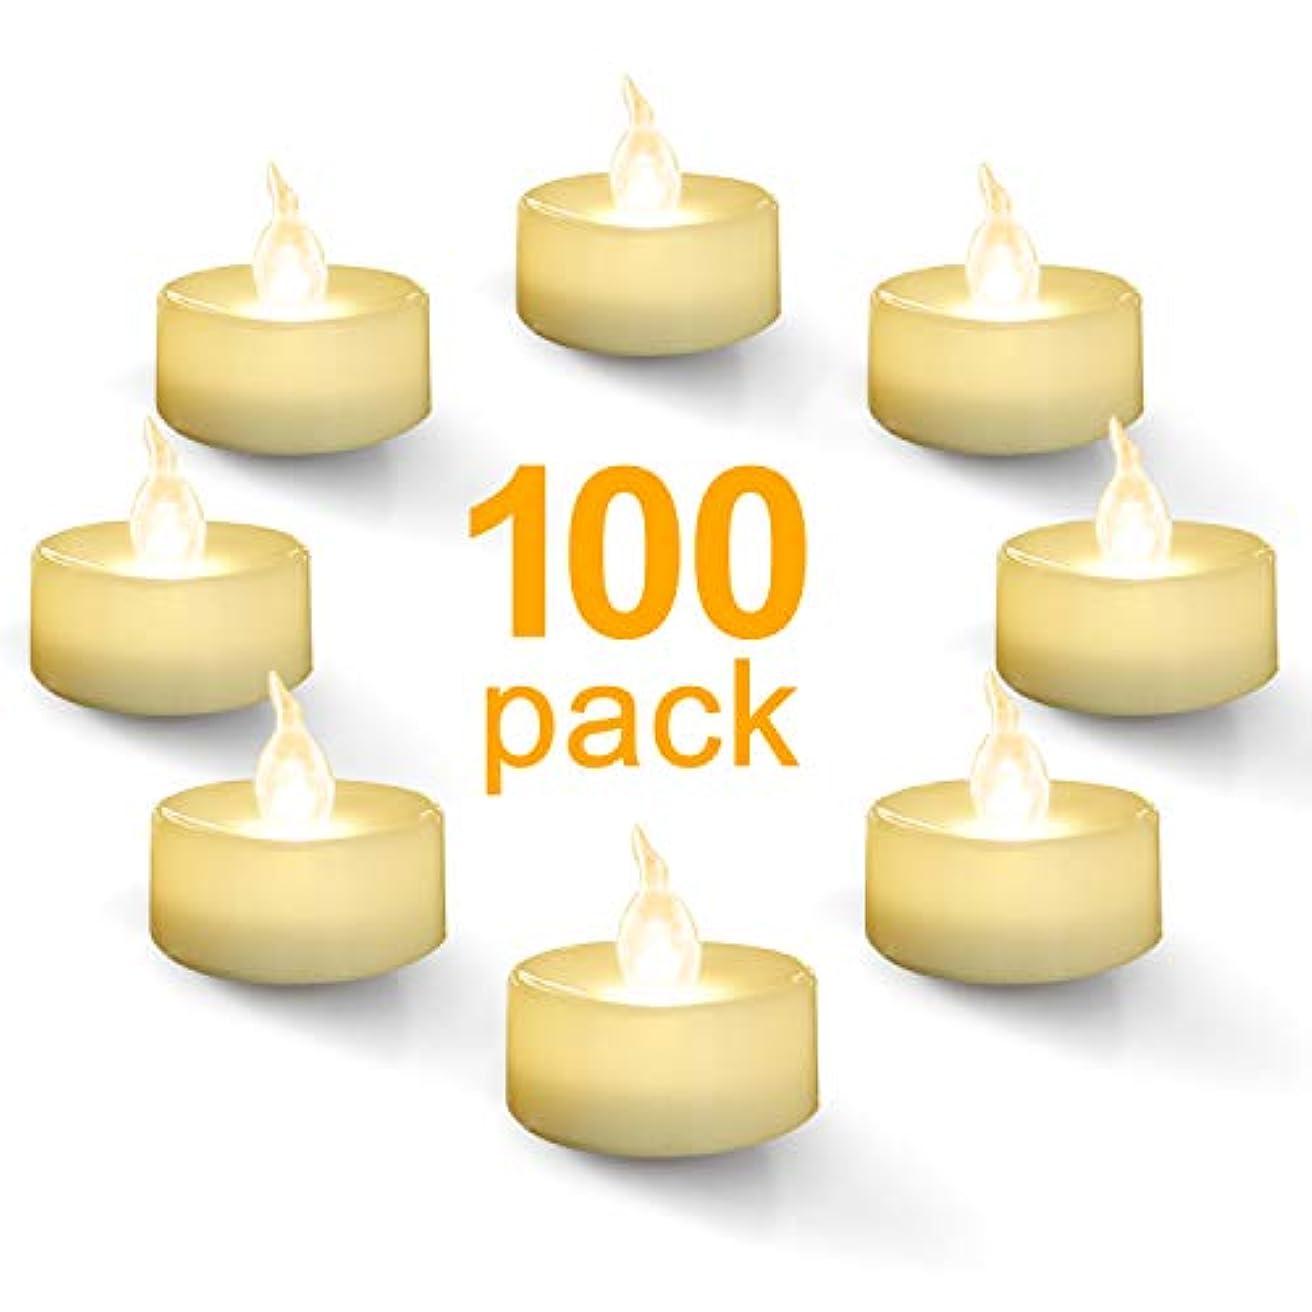 ペッカディロ隙間与えるHomemory 100個パック 電池式 ティーライト キャンドル 温白色 LEDフレームレス ちらつきティーライト バルク